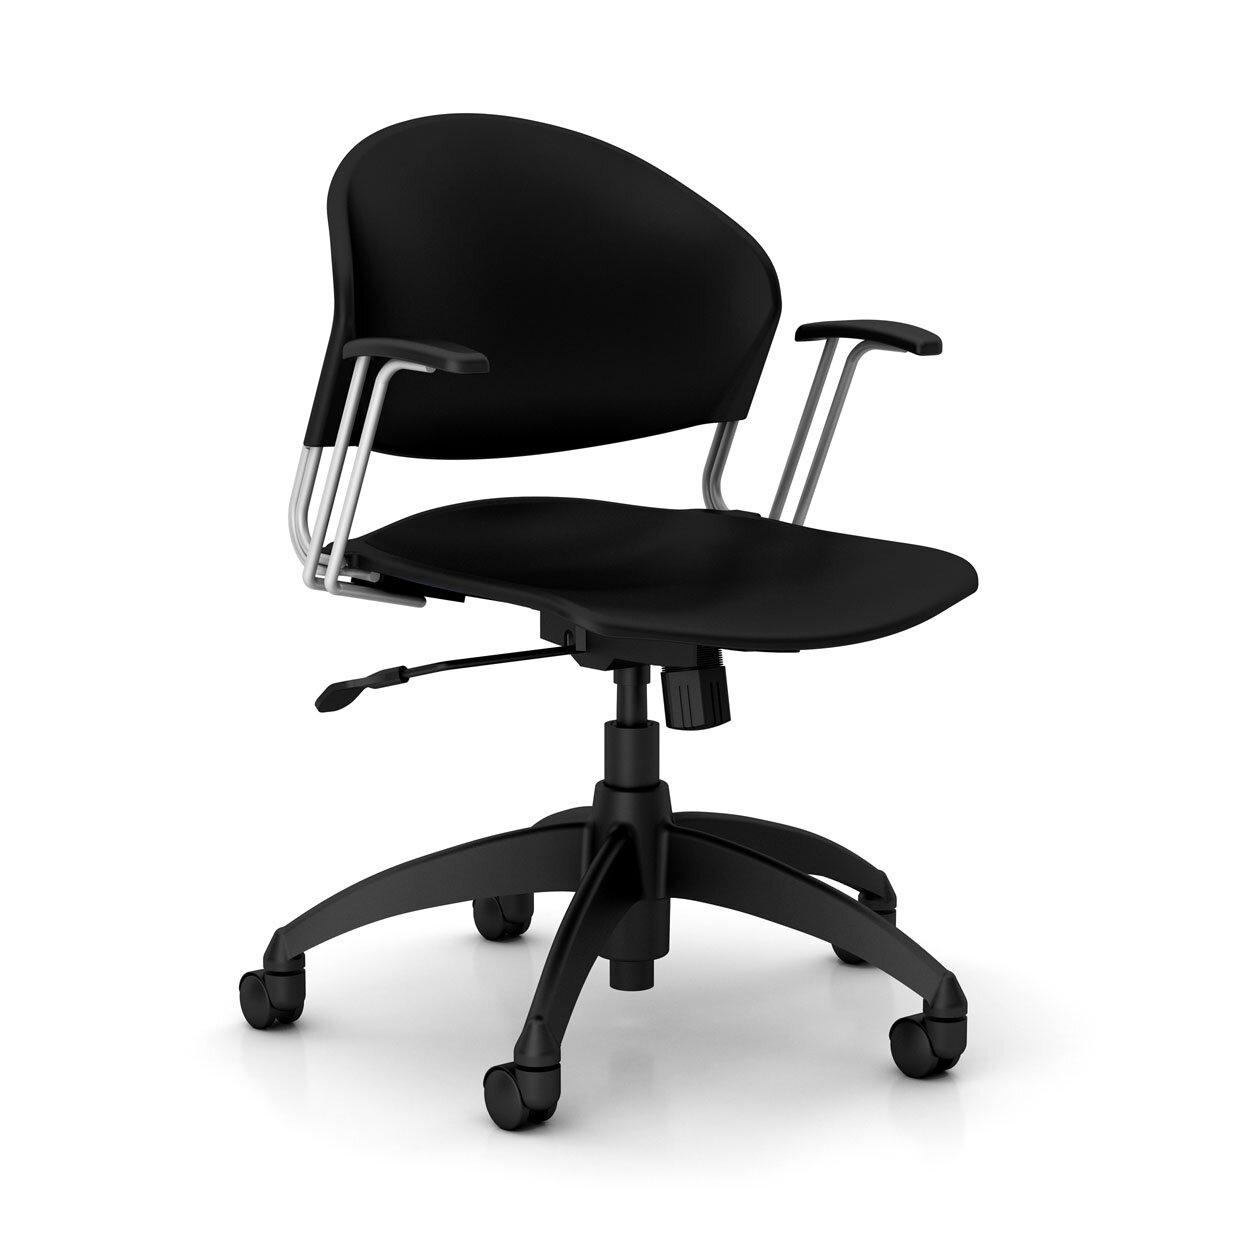 Trendway Jet Desk Chair